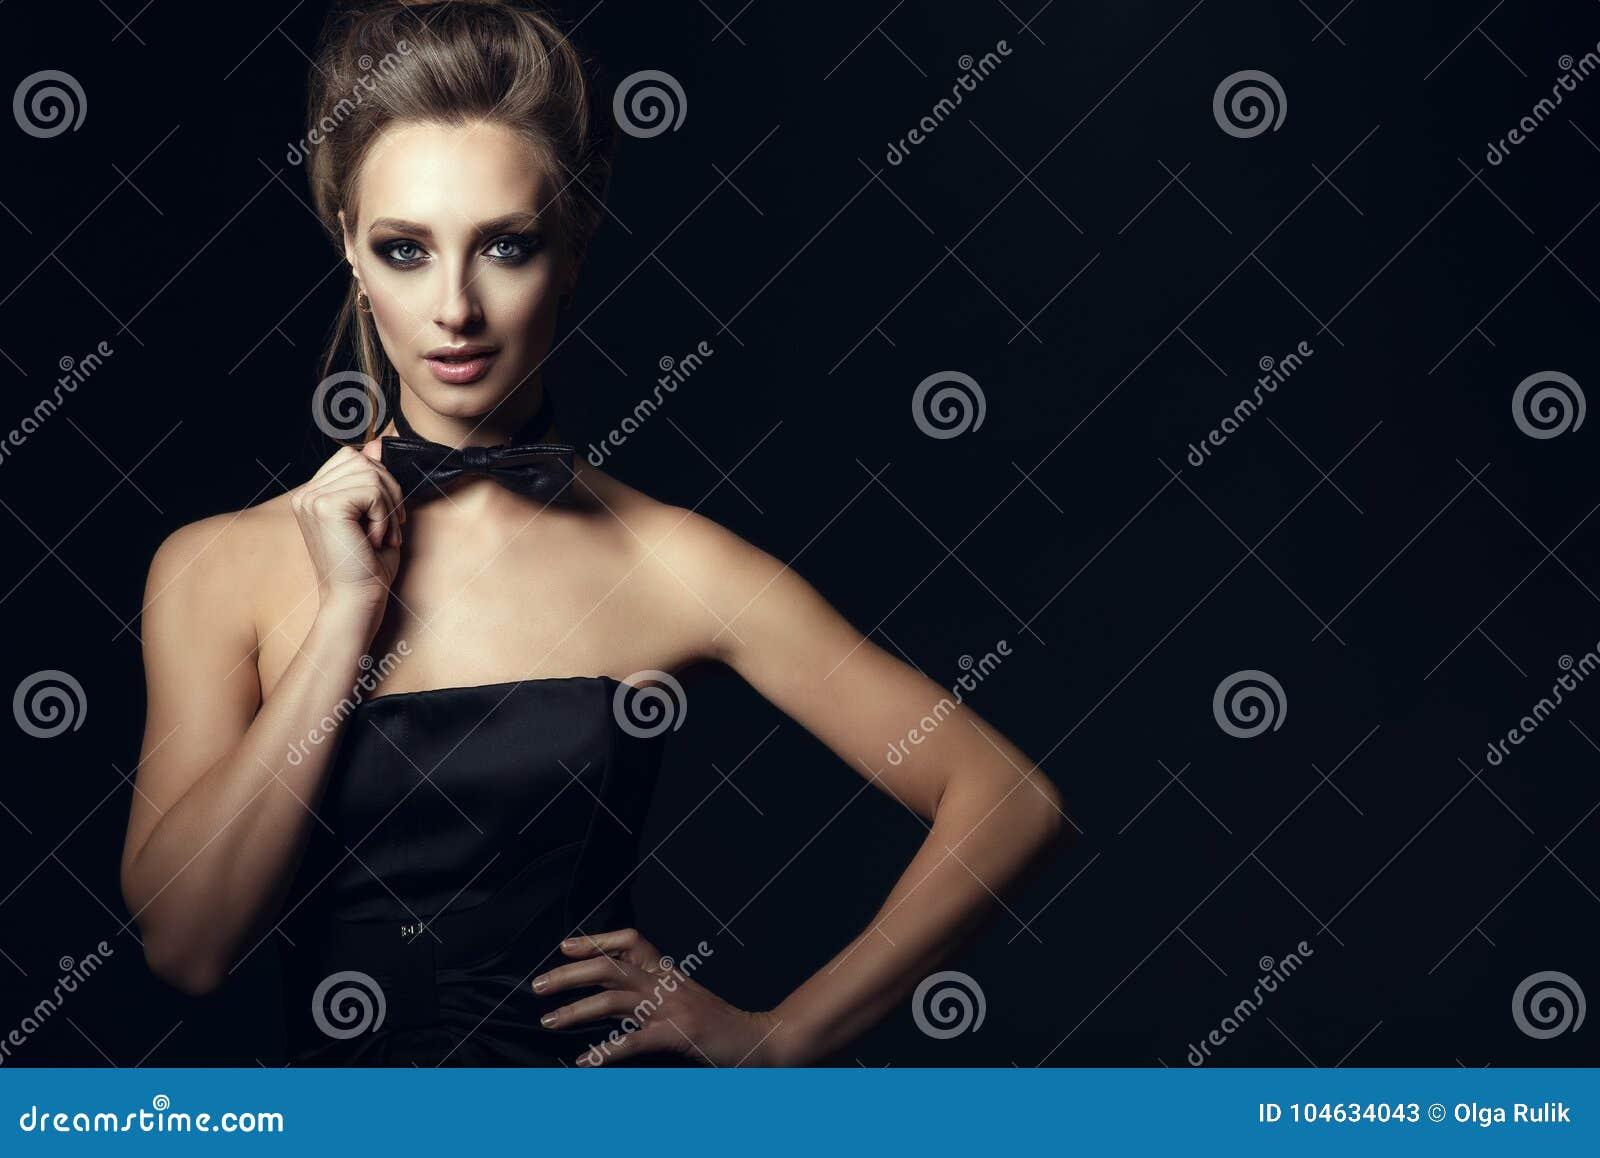 Download De Schitterende Glamvrouw Met Mooi Maakt Omhoog En Updohaar Die Zwarte Korsetkleding Wat Betreft Vlinderdas Op Haar Hals Dragen Stock Afbeelding - Afbeelding bestaande uit wijfje, kleding: 104634043